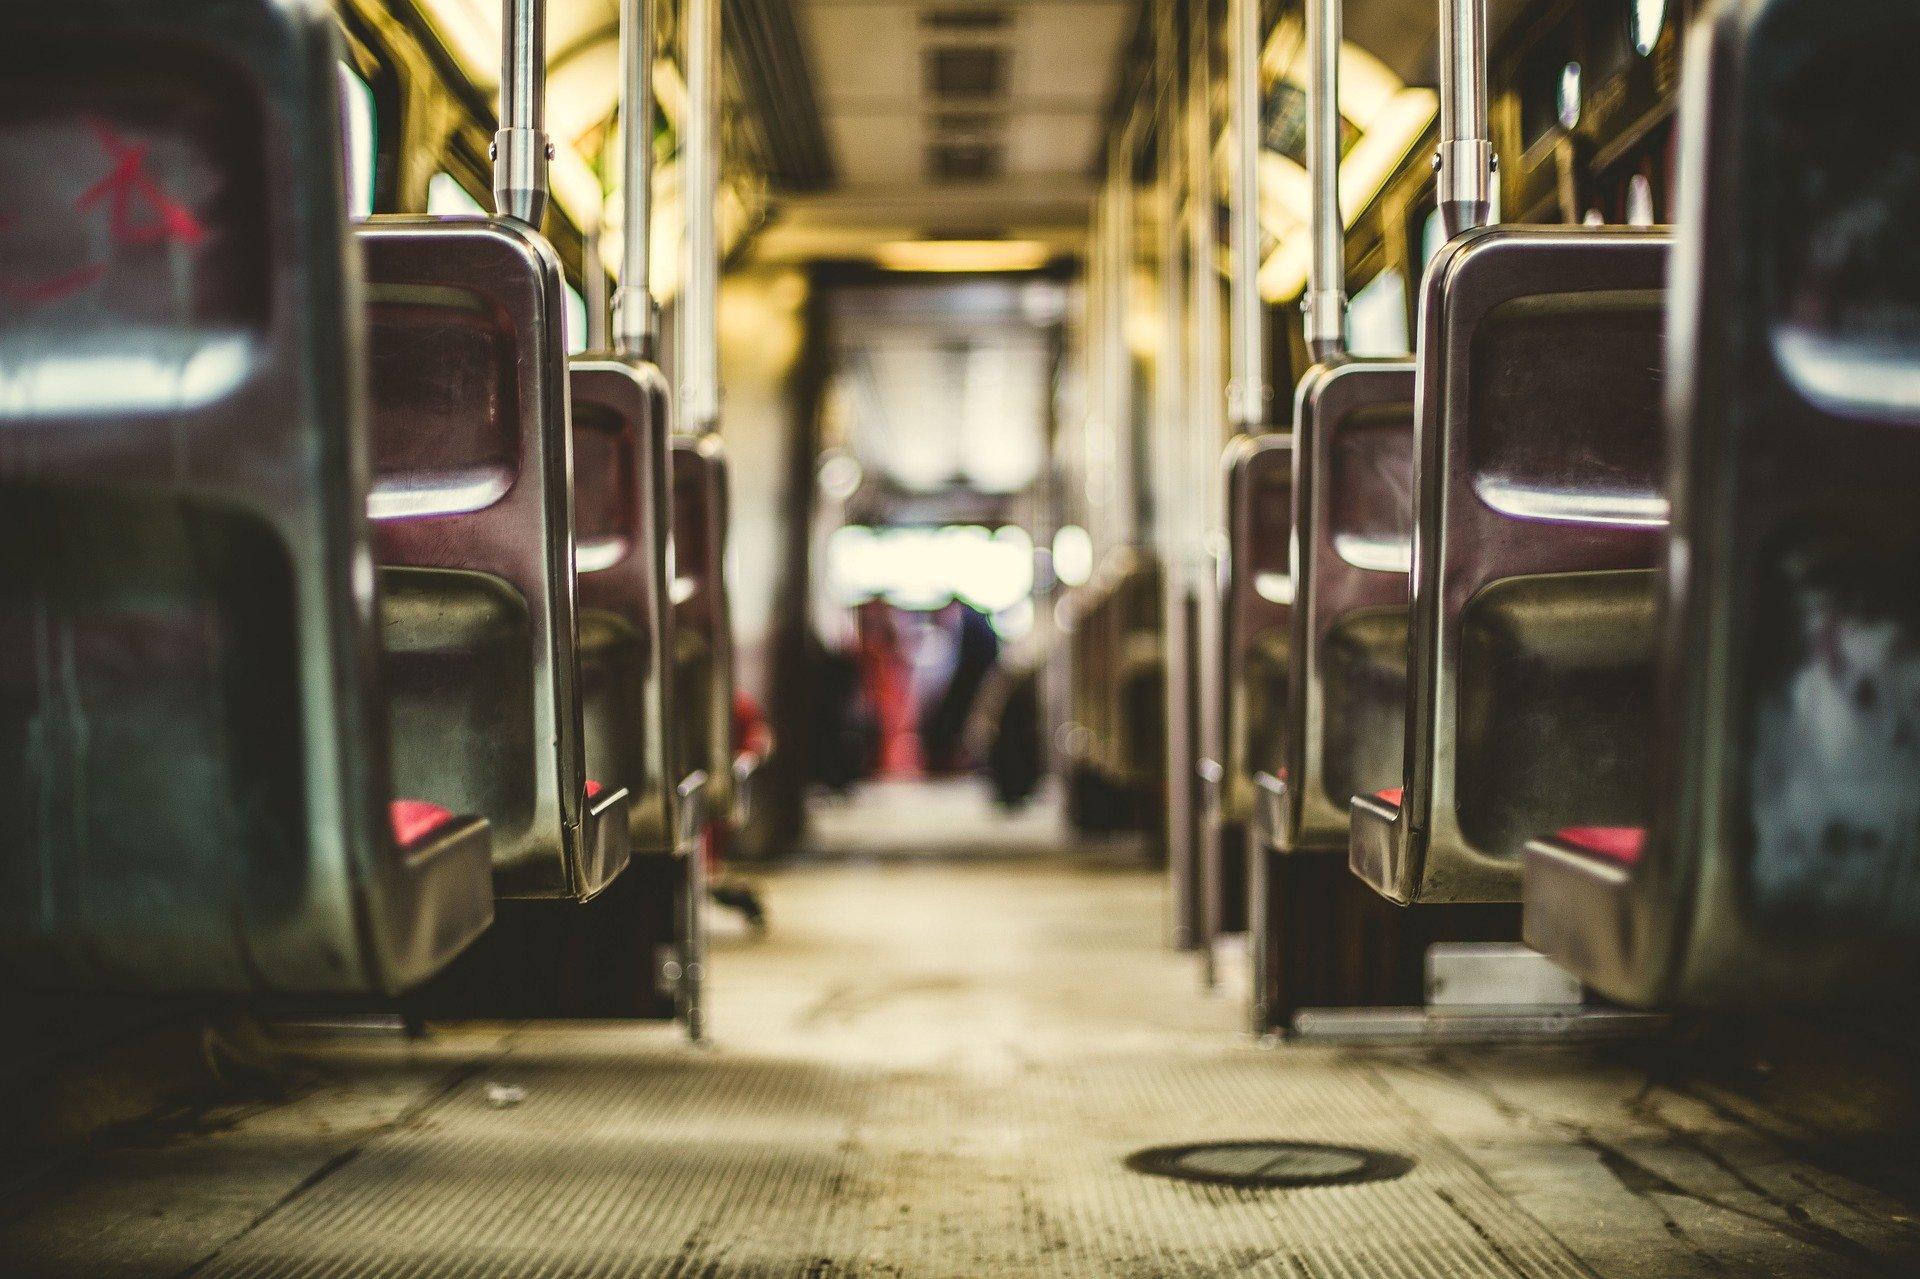 L'ús de mascaretes, obligat en el transport públic a partir de demà, 4 de maig